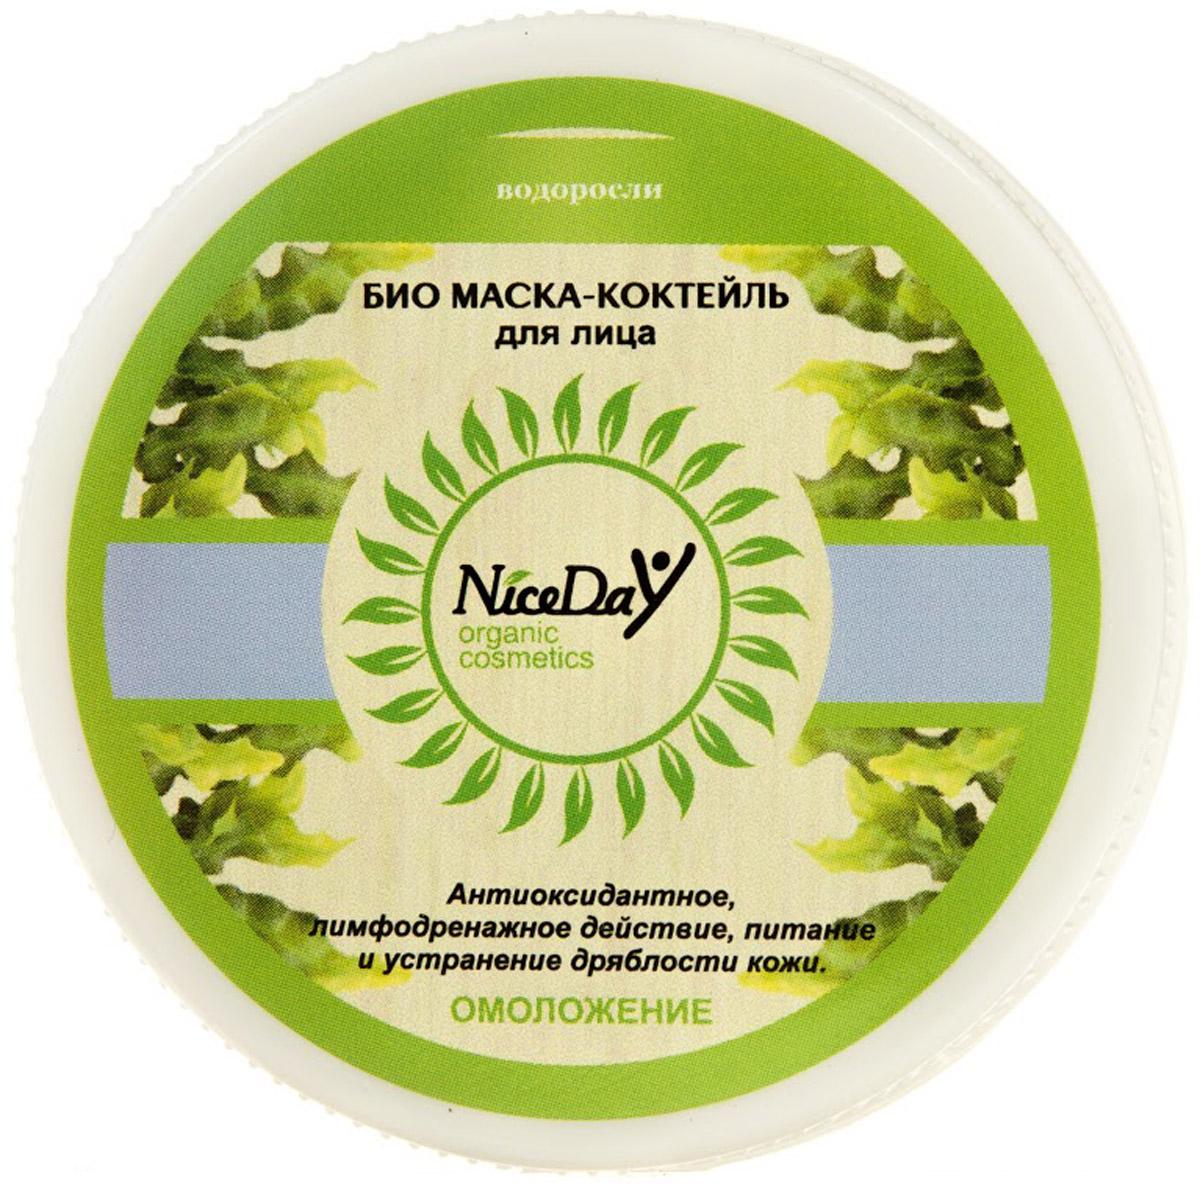 Nice Day Омолаживающая Био маска-коктейль для лица, 80 мл0212Потрясающий коктейль из целебных компонентов для омоложения кожи, устранения дряблости, сухости, шелушения. Придает коже мягкость, эластичность, упругость. Водоросли оказывают антиоксидантное и лимфодренажное действие. Комплекс редких растительных масел направлен на глубокое питание, разглаживание морщин, замедление процесса старения, устранение дряблости кожи. Белая глина снимает воспаление, ускоряет заживление, нормализует работу сальных желез. Воск способствует выводу токсинов, смягчает и улучшает регенерирующие свойства кожи.